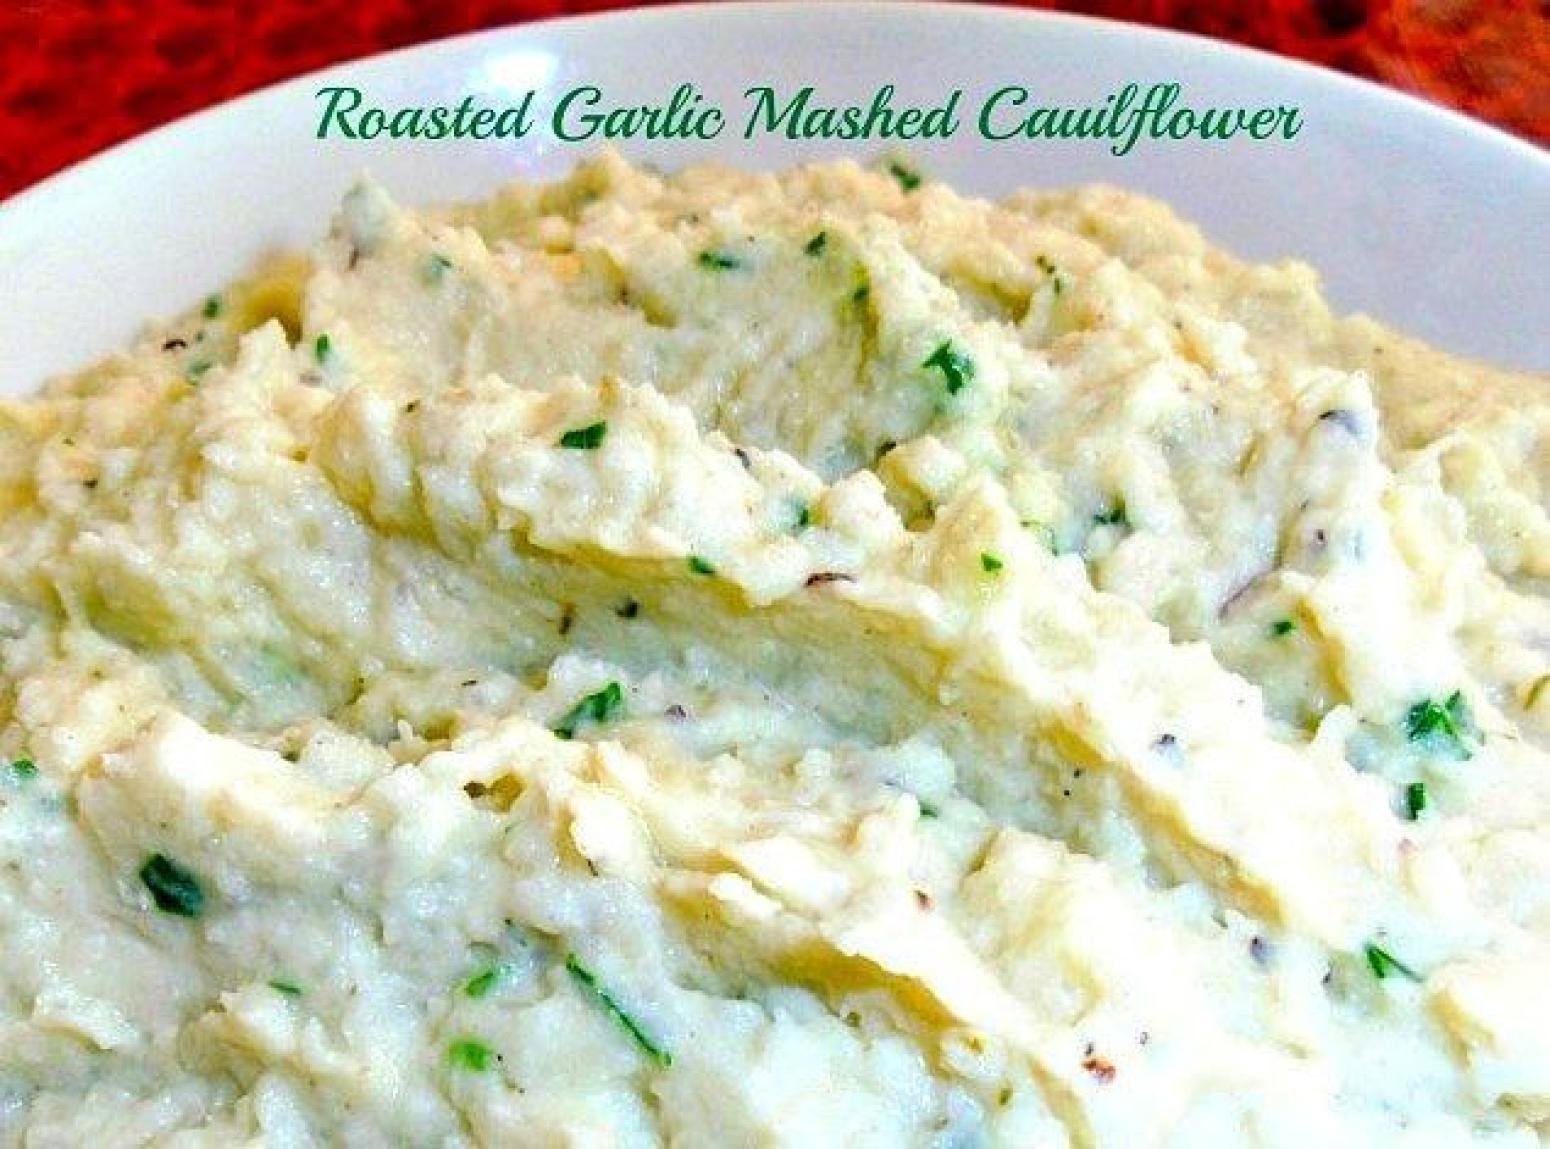 Roasted Garlic Mashed Cauliflower Recipe